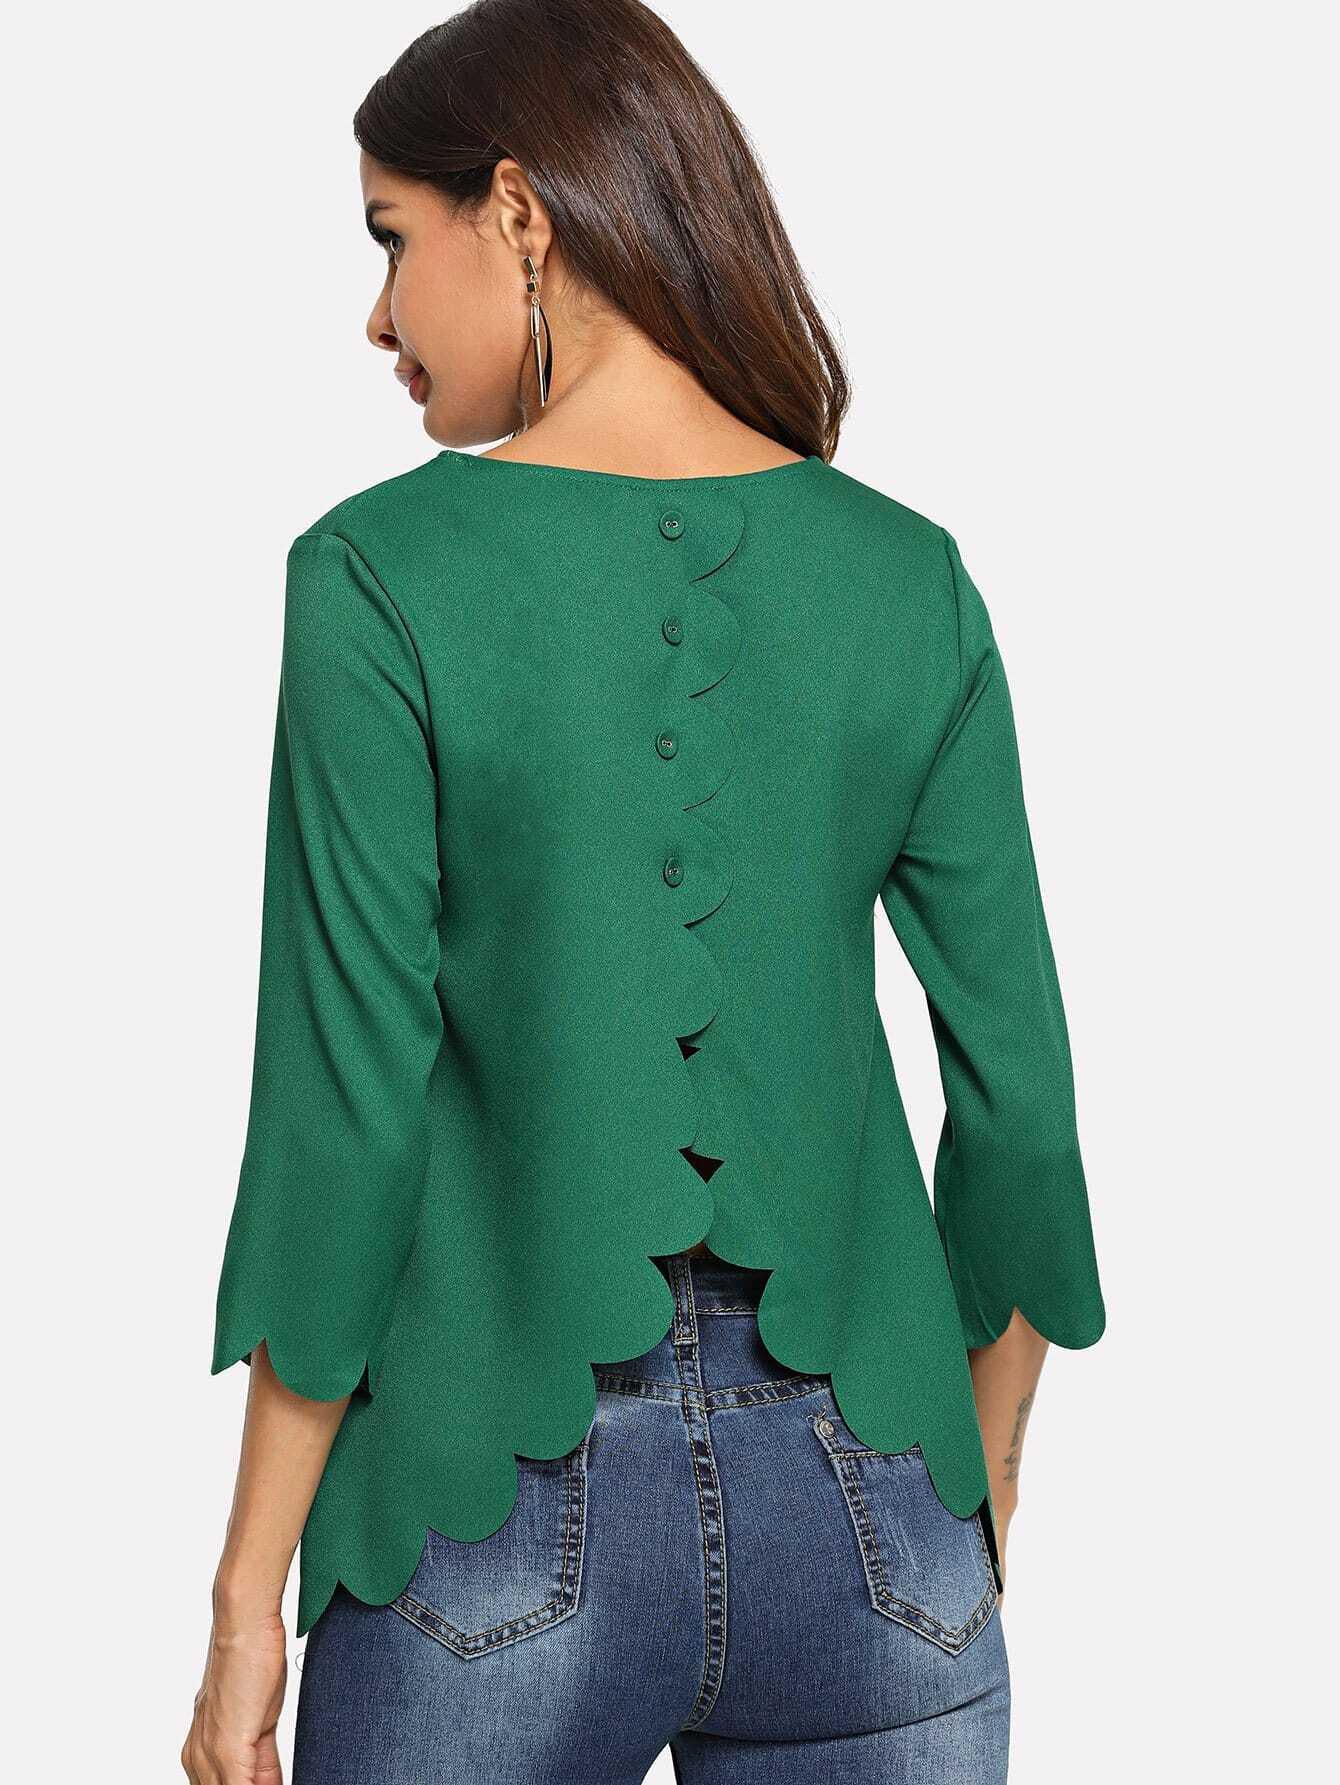 Накрахмаленная рубашка с украшением веерообразных оборк и пуговиц, Andy, SheIn  - купить со скидкой